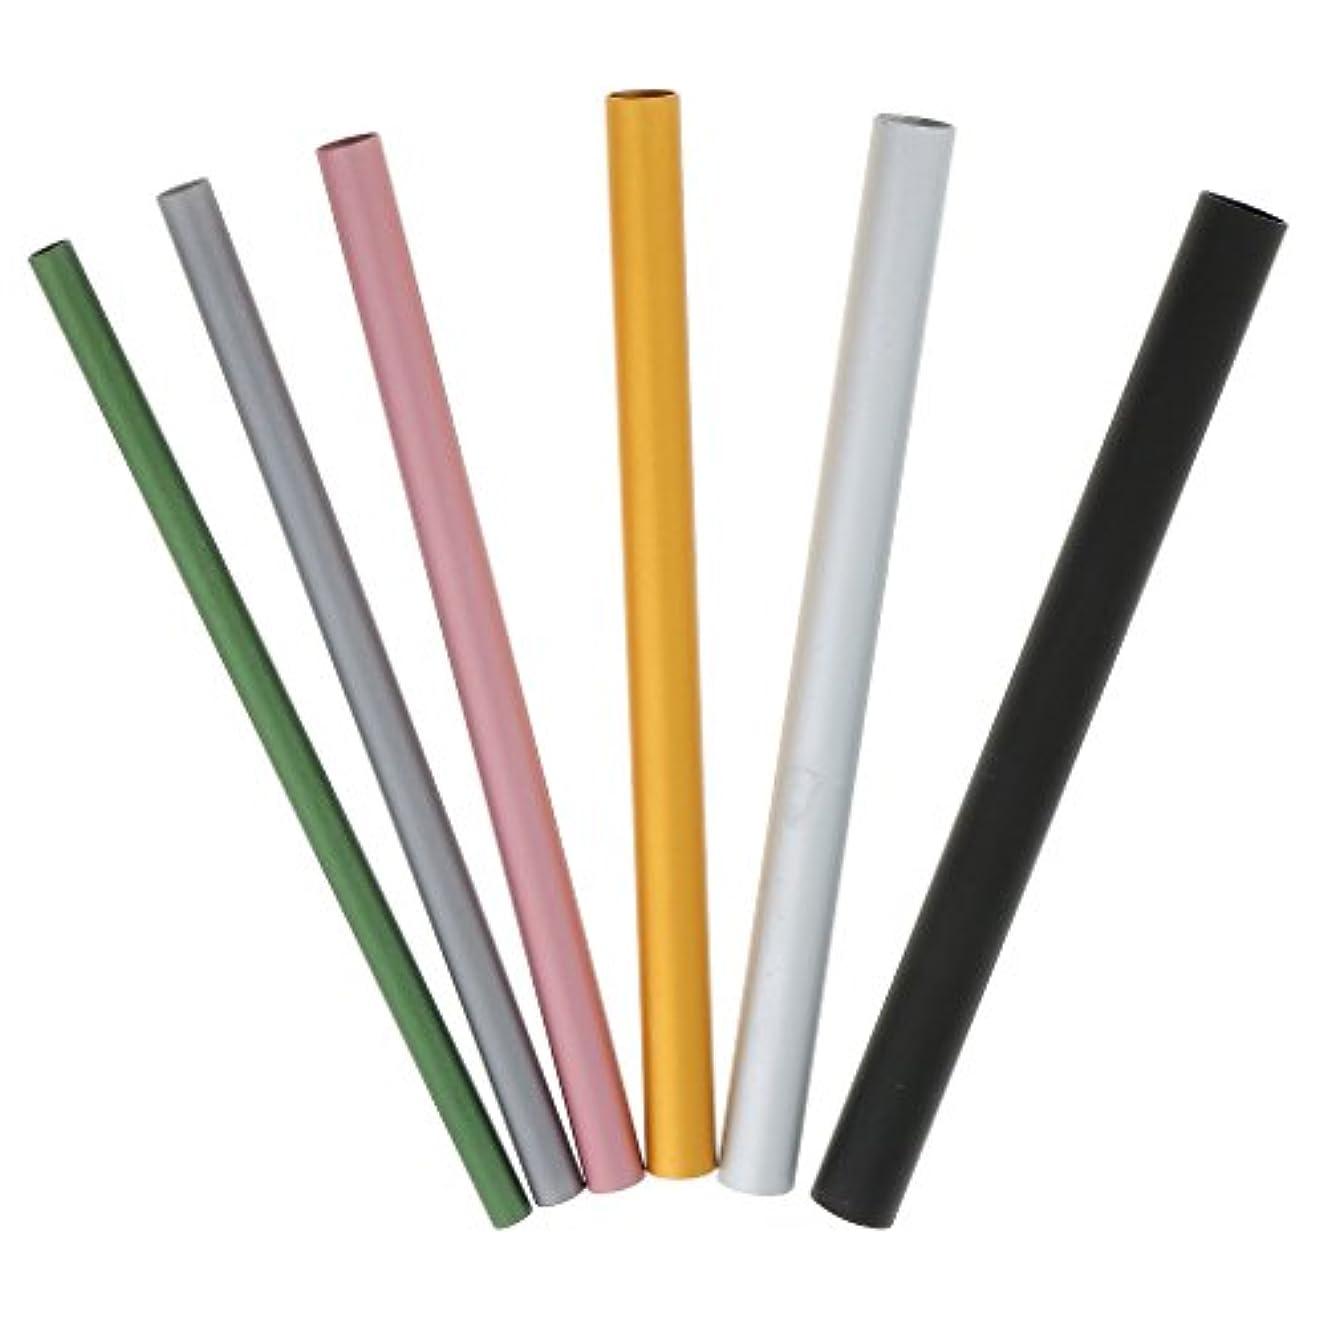 提案に渡って振る舞いSharplace 6本 ミックスサイズ Cカーブ ネイルアート アルミ棒 ネイル道具